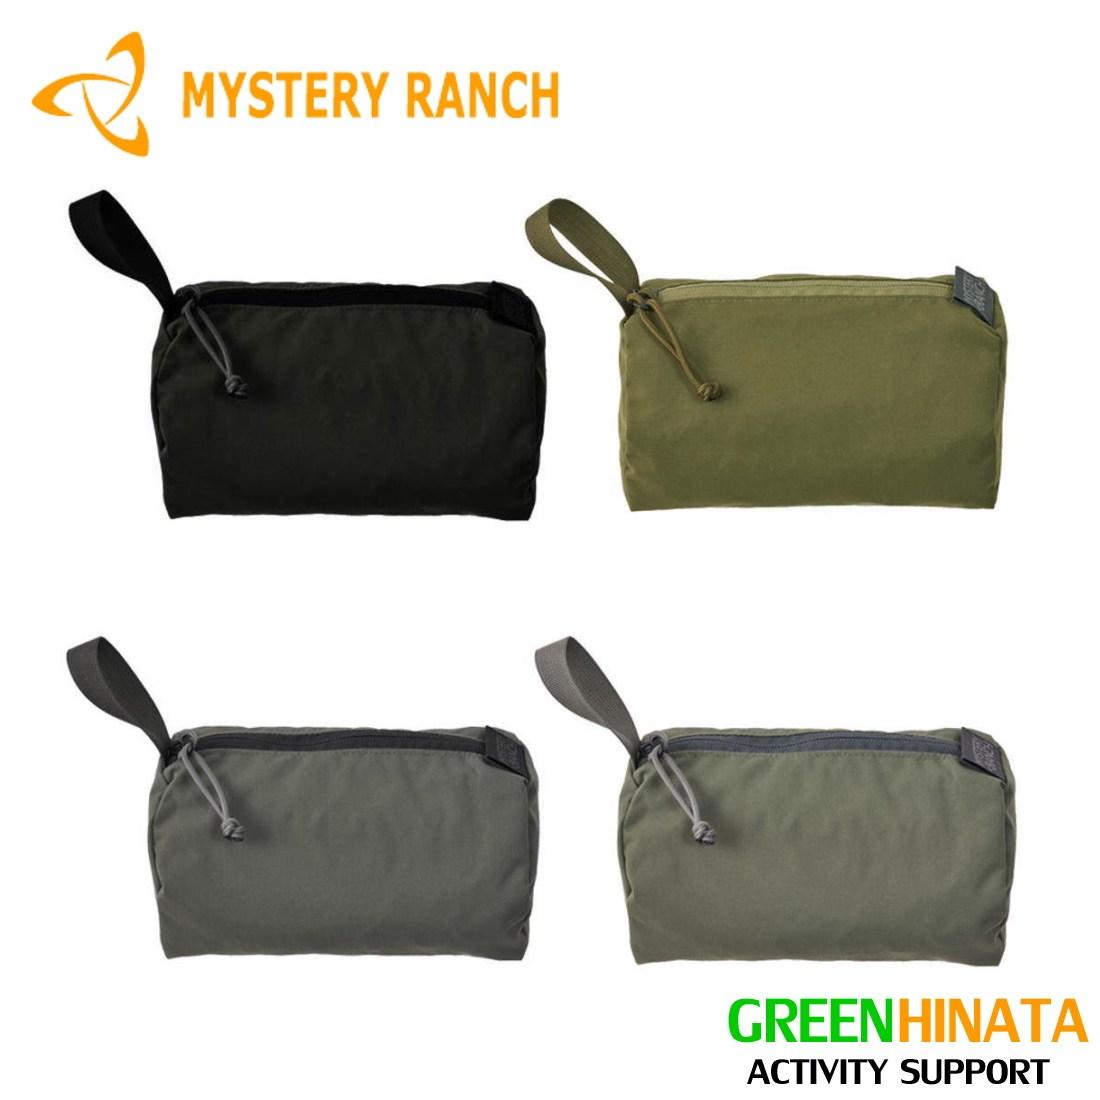 【国内正規品】 ミステリーランチ ゾイドバックS ポーチ MYSTERY RANCH ZOID BAG SMALL 小物入れ バッグ